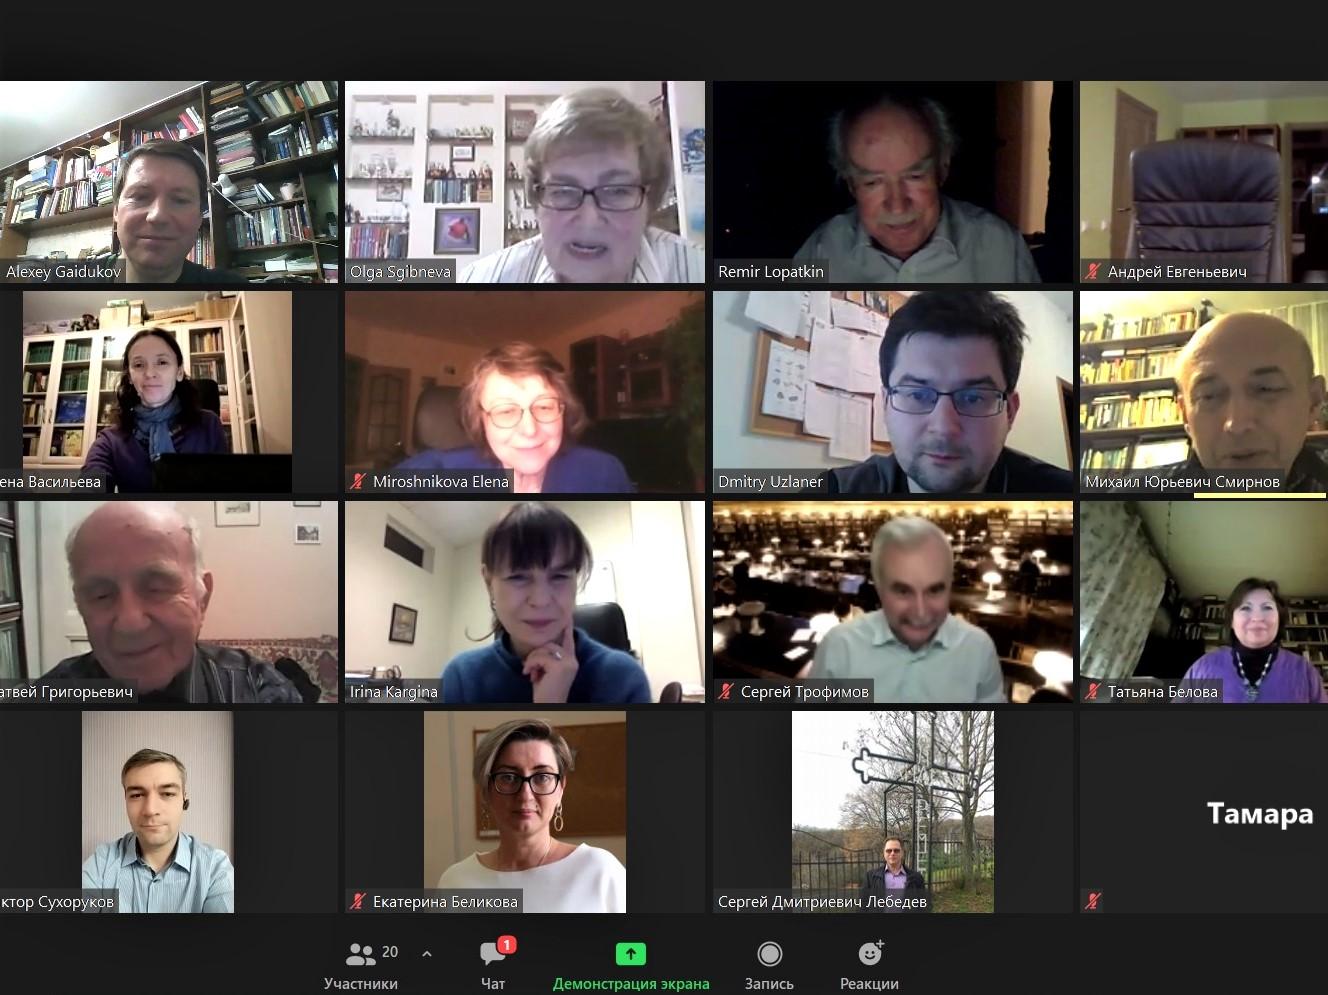 Онлайн конференция, посвящённая 90-летию Ремира Лопаткина, 09.12.2020.